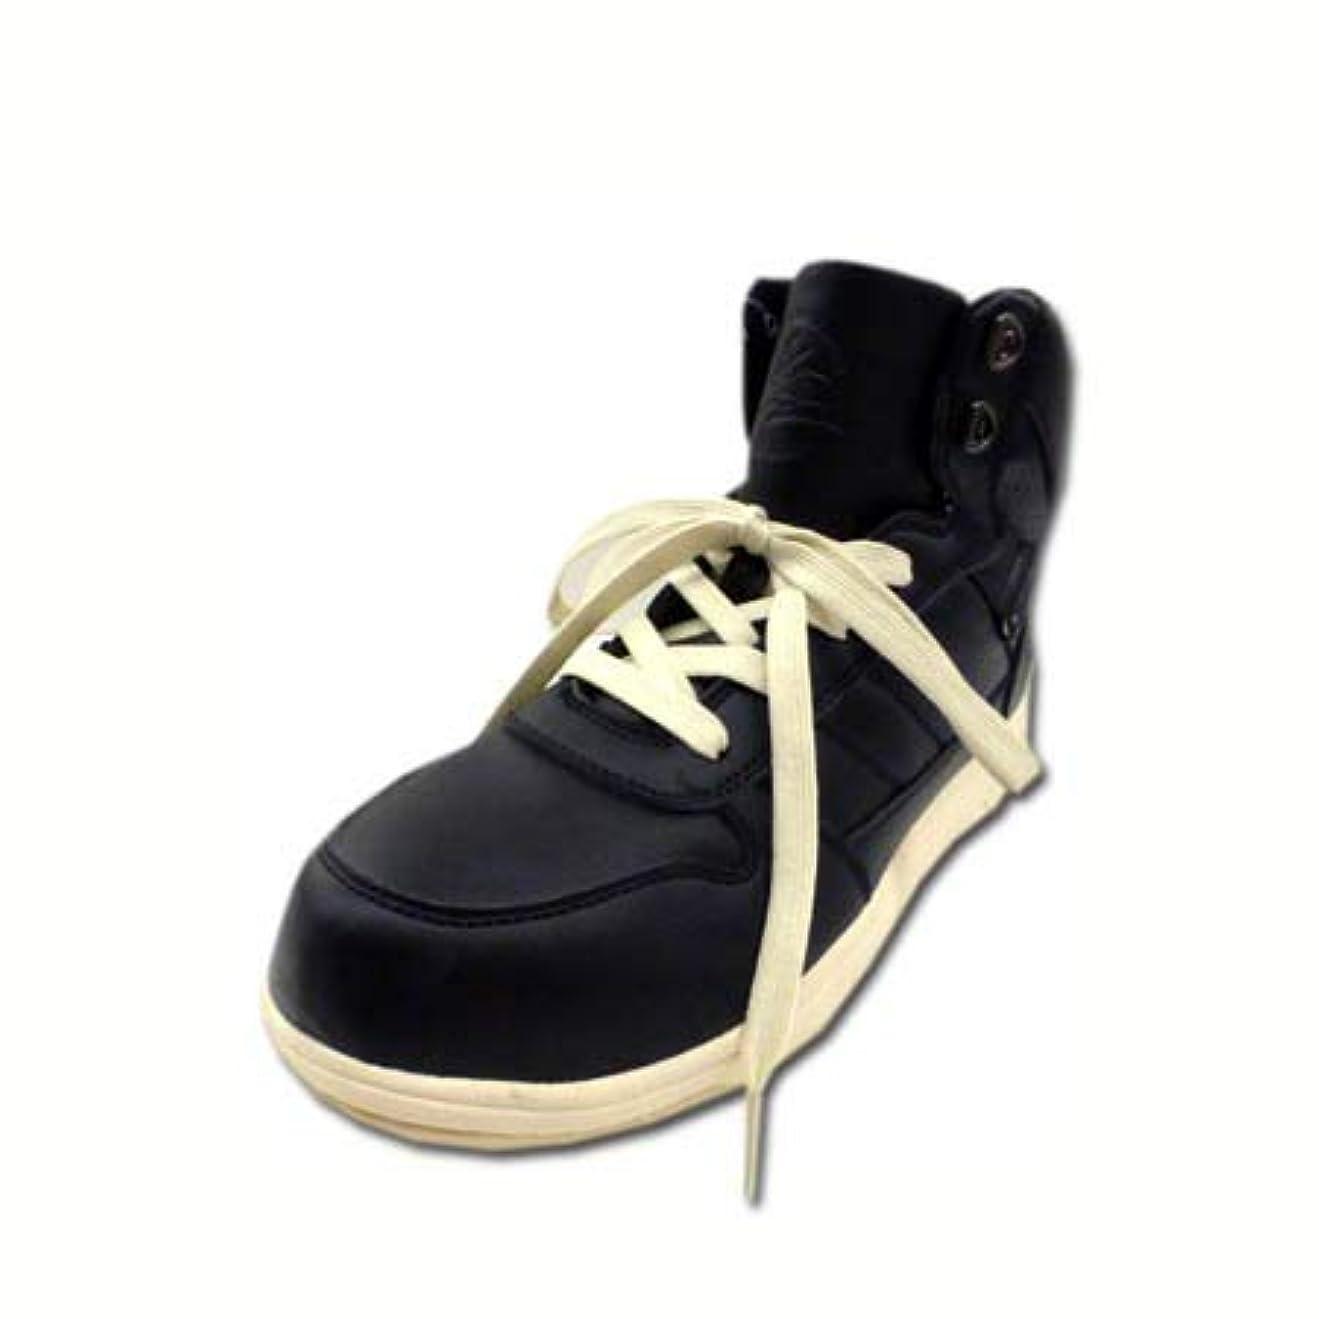 ローズリアルトークン[自重堂] 安全靴 安全スニーカー セーフティーシューズ S1153 ハイカット ブラック